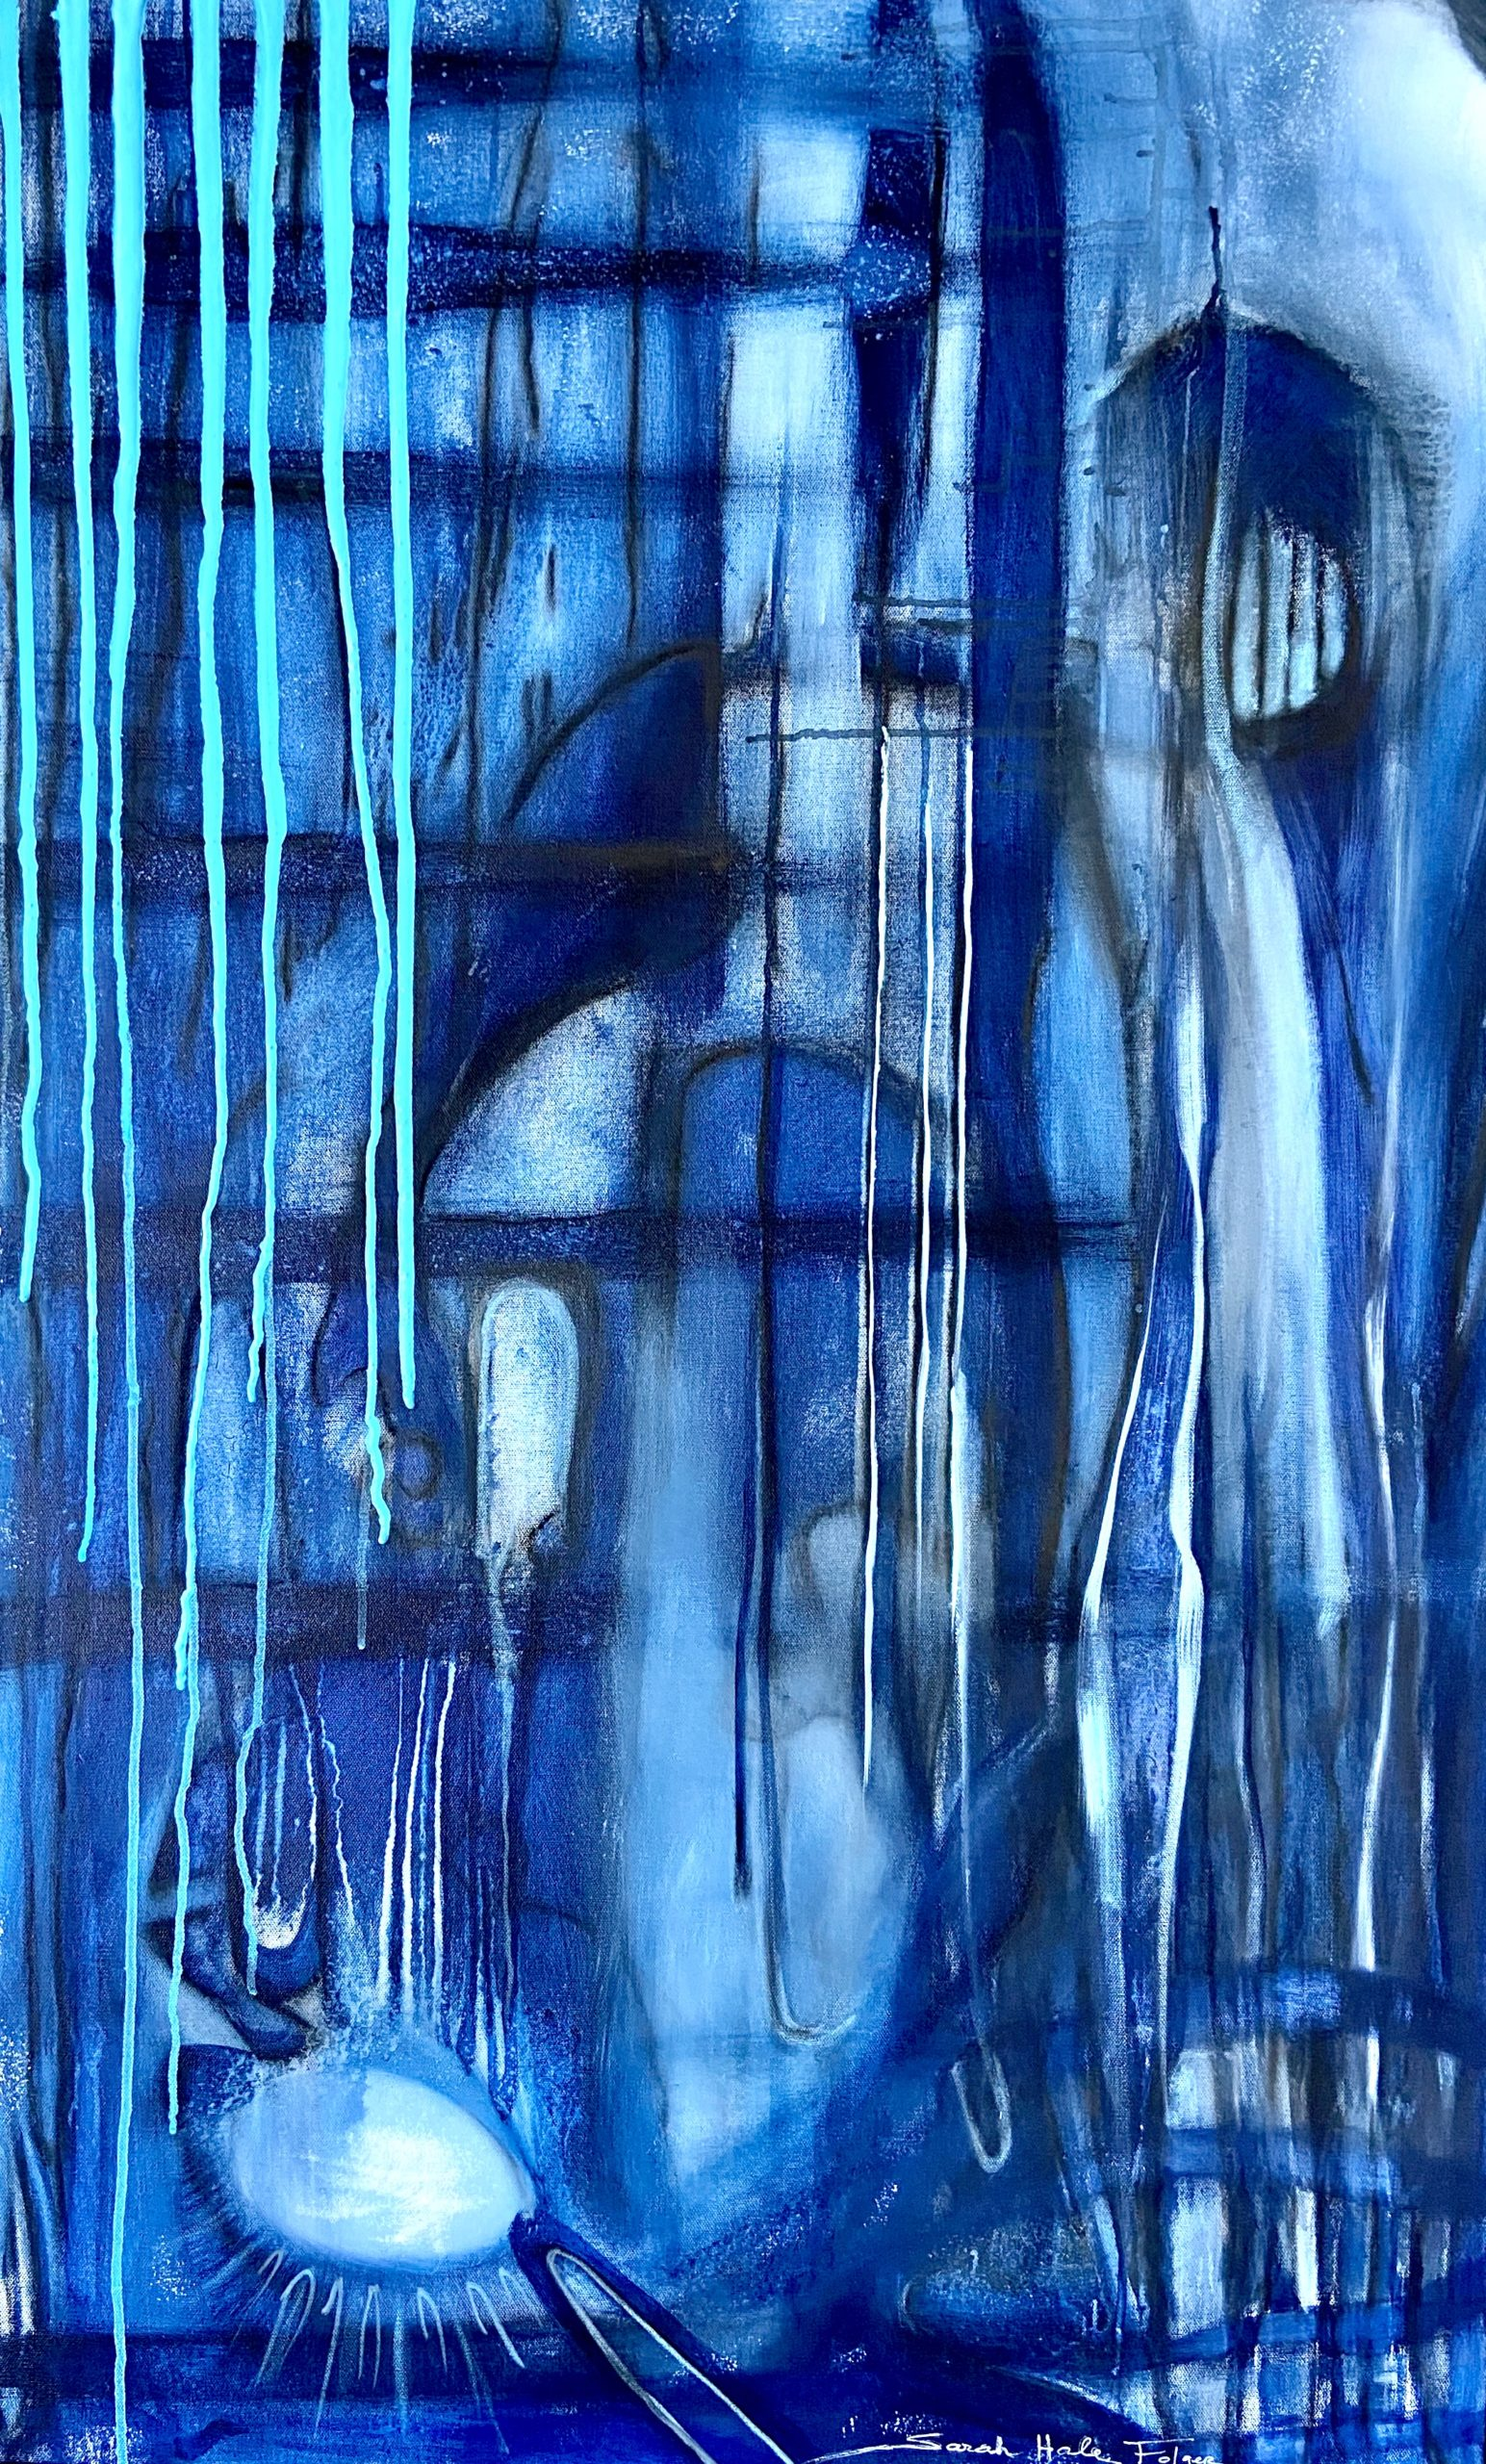 CRESTFALLEN by SARAH HALE FOLGER